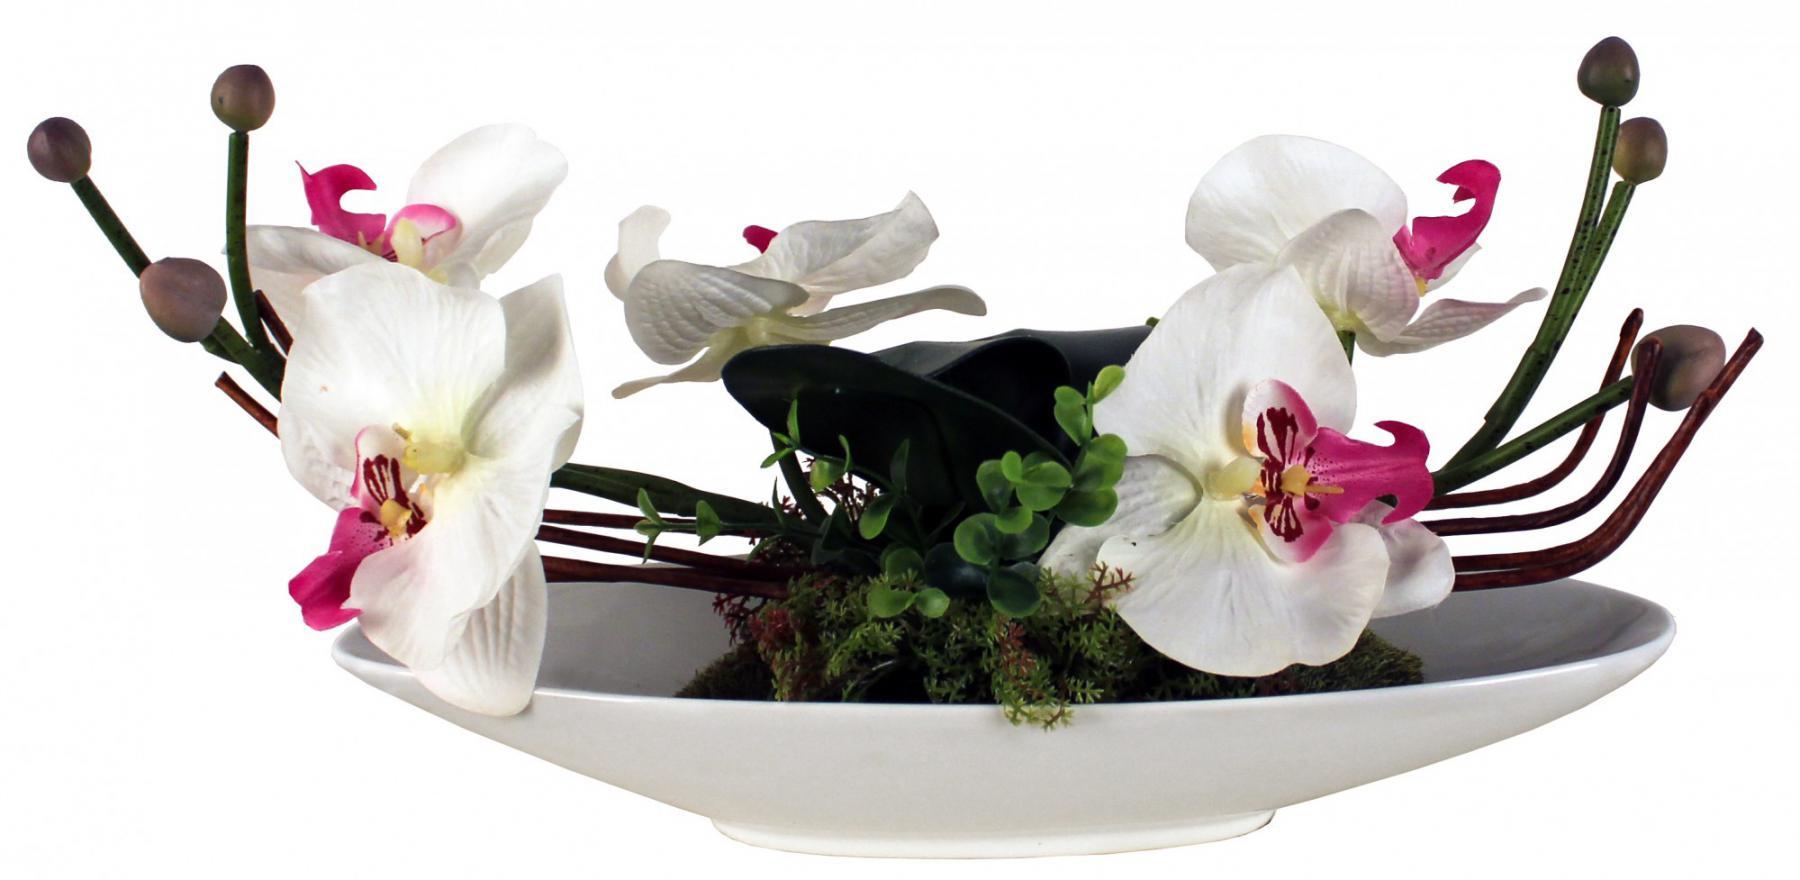 kunstblume in schale deko seidenblume blumen k nstliche blume kunstpflanze b1007 kaufen. Black Bedroom Furniture Sets. Home Design Ideas